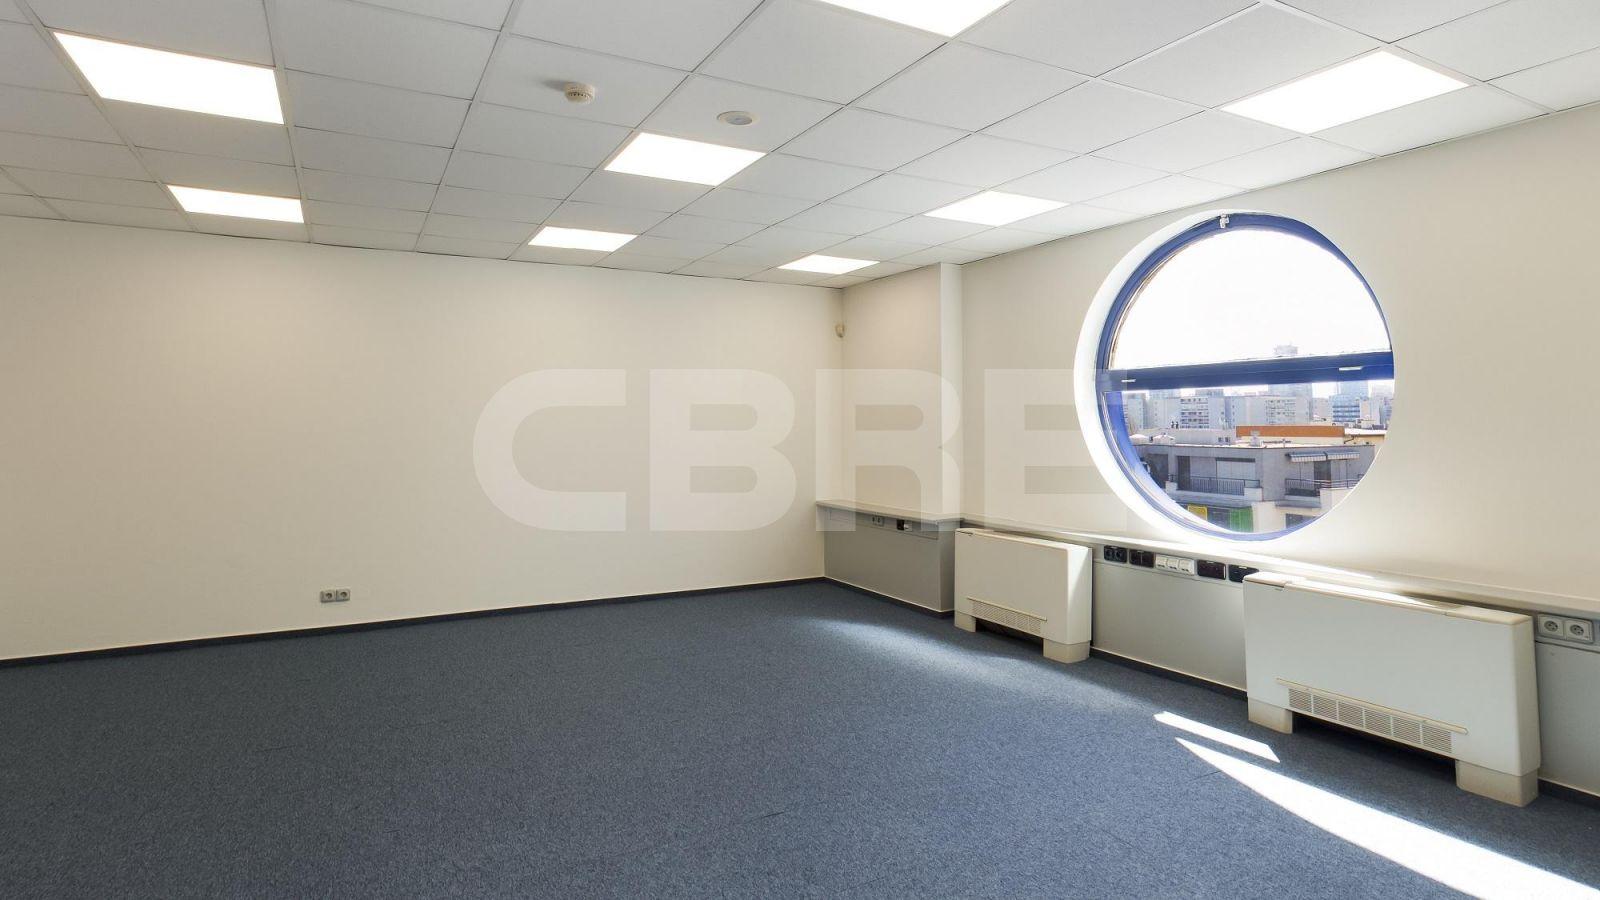 Trnavská cesta Business Center, Bratislava - Nové Mesto | Offices for rent by CBRE | 4